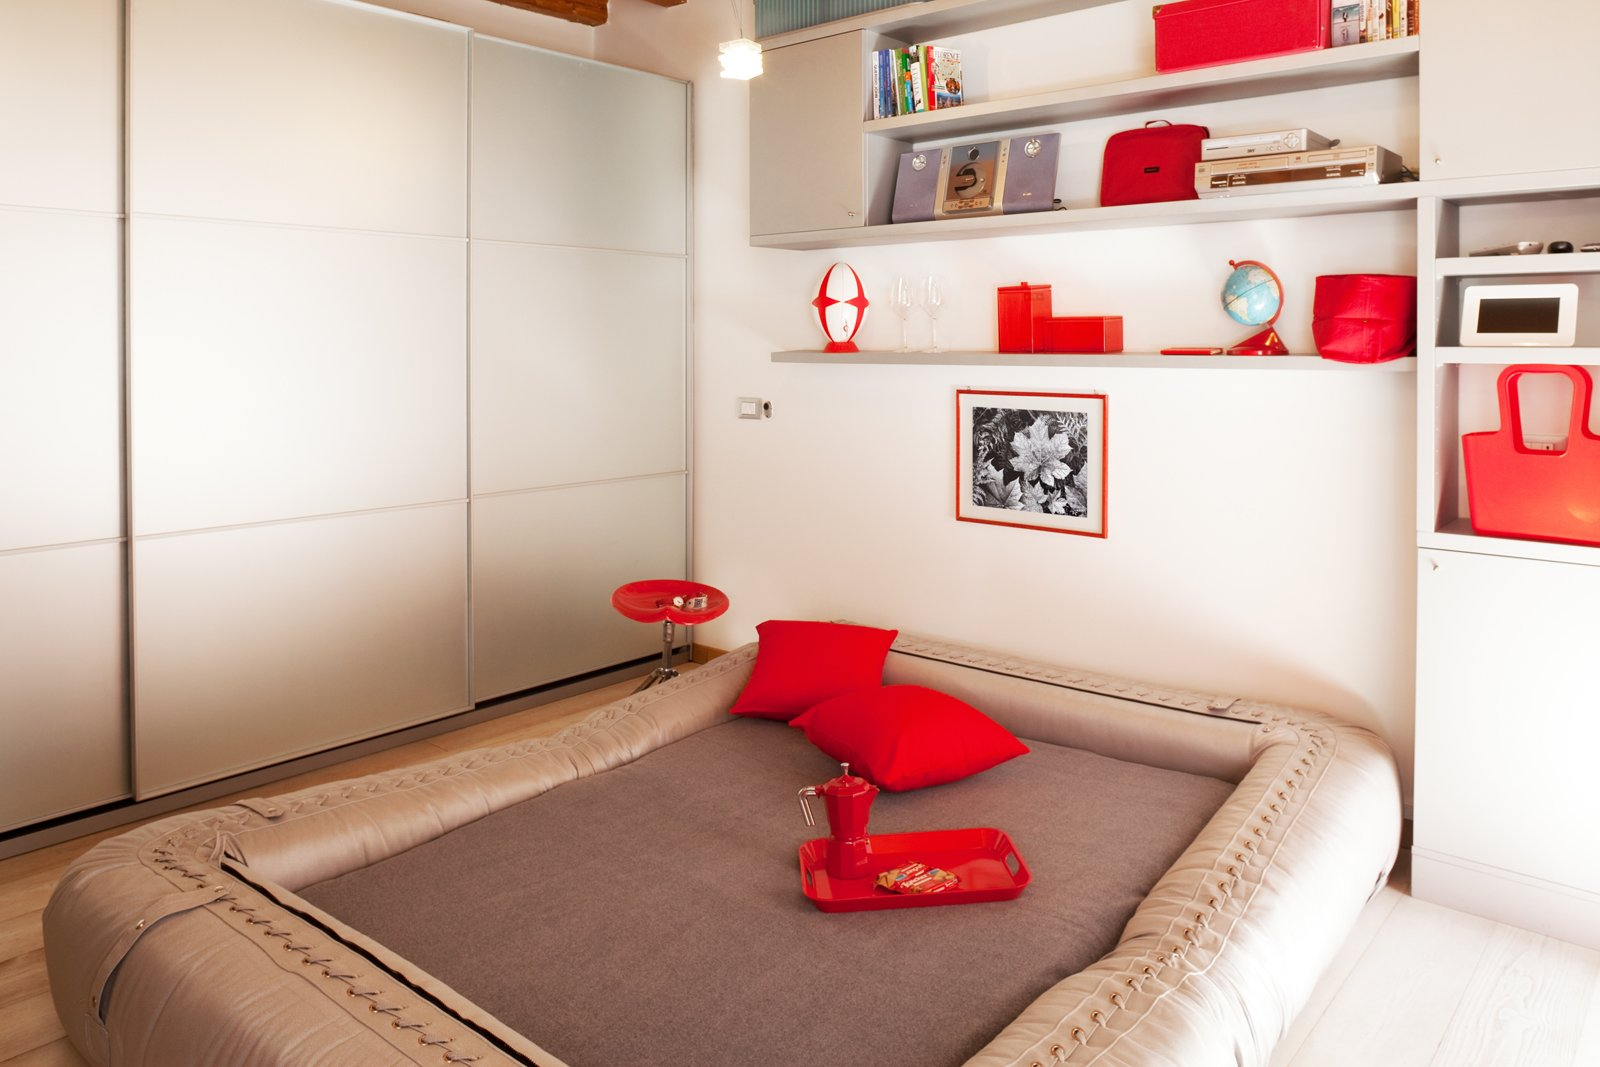 Monolocale di 25 mq con soluzioni salvaspazio cose di casa - Soluzioni salvaspazio camera da letto ...